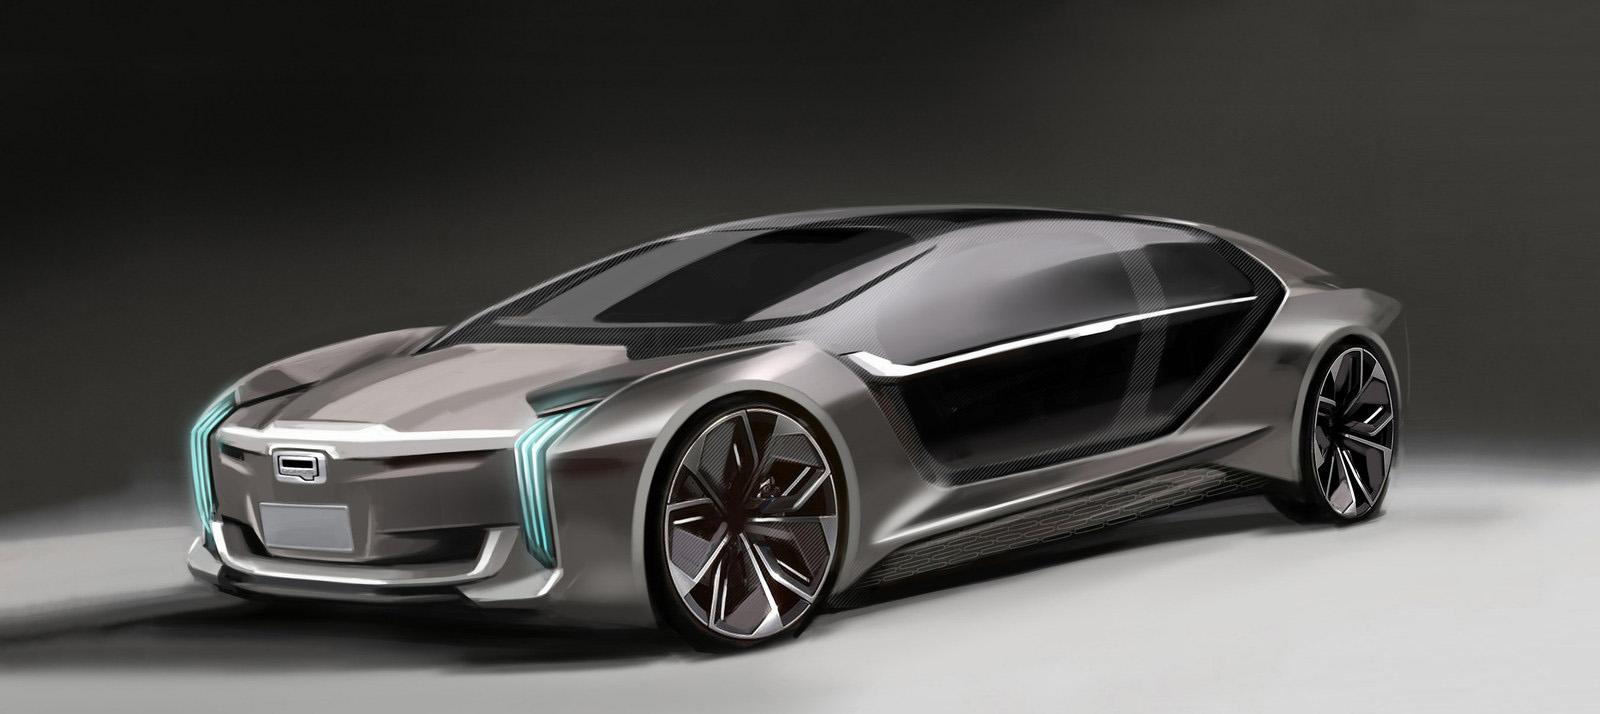 Qoros Model K-EV Concept will be launched at 2017 Shanghai Auto Show (PRNewsfoto/Qoros Auto)